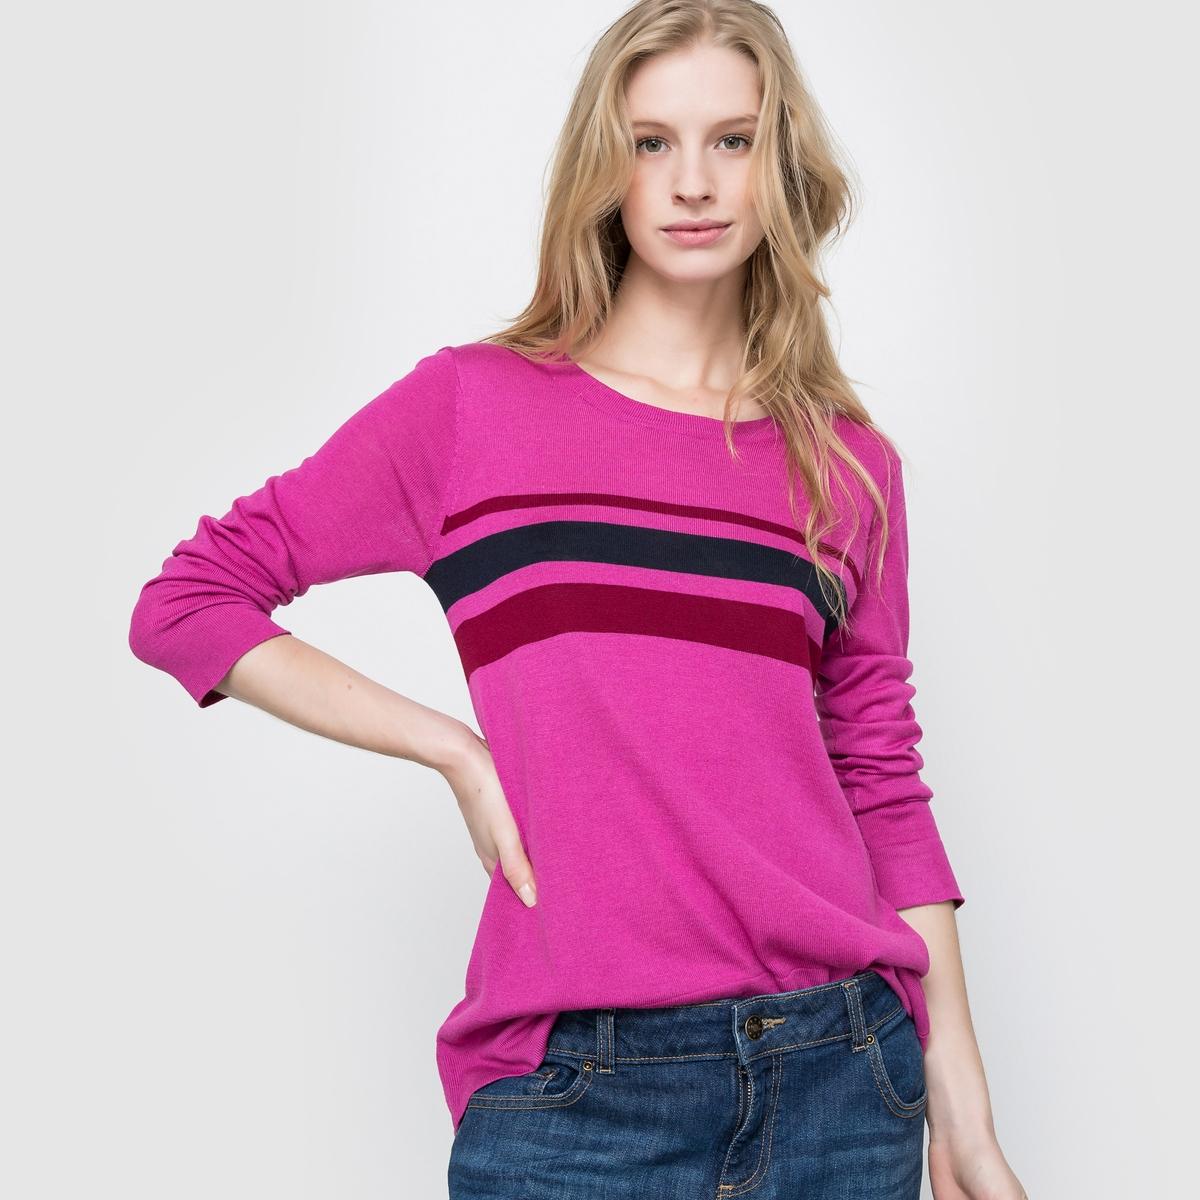 Пуловер в полоску. Длинные рукава